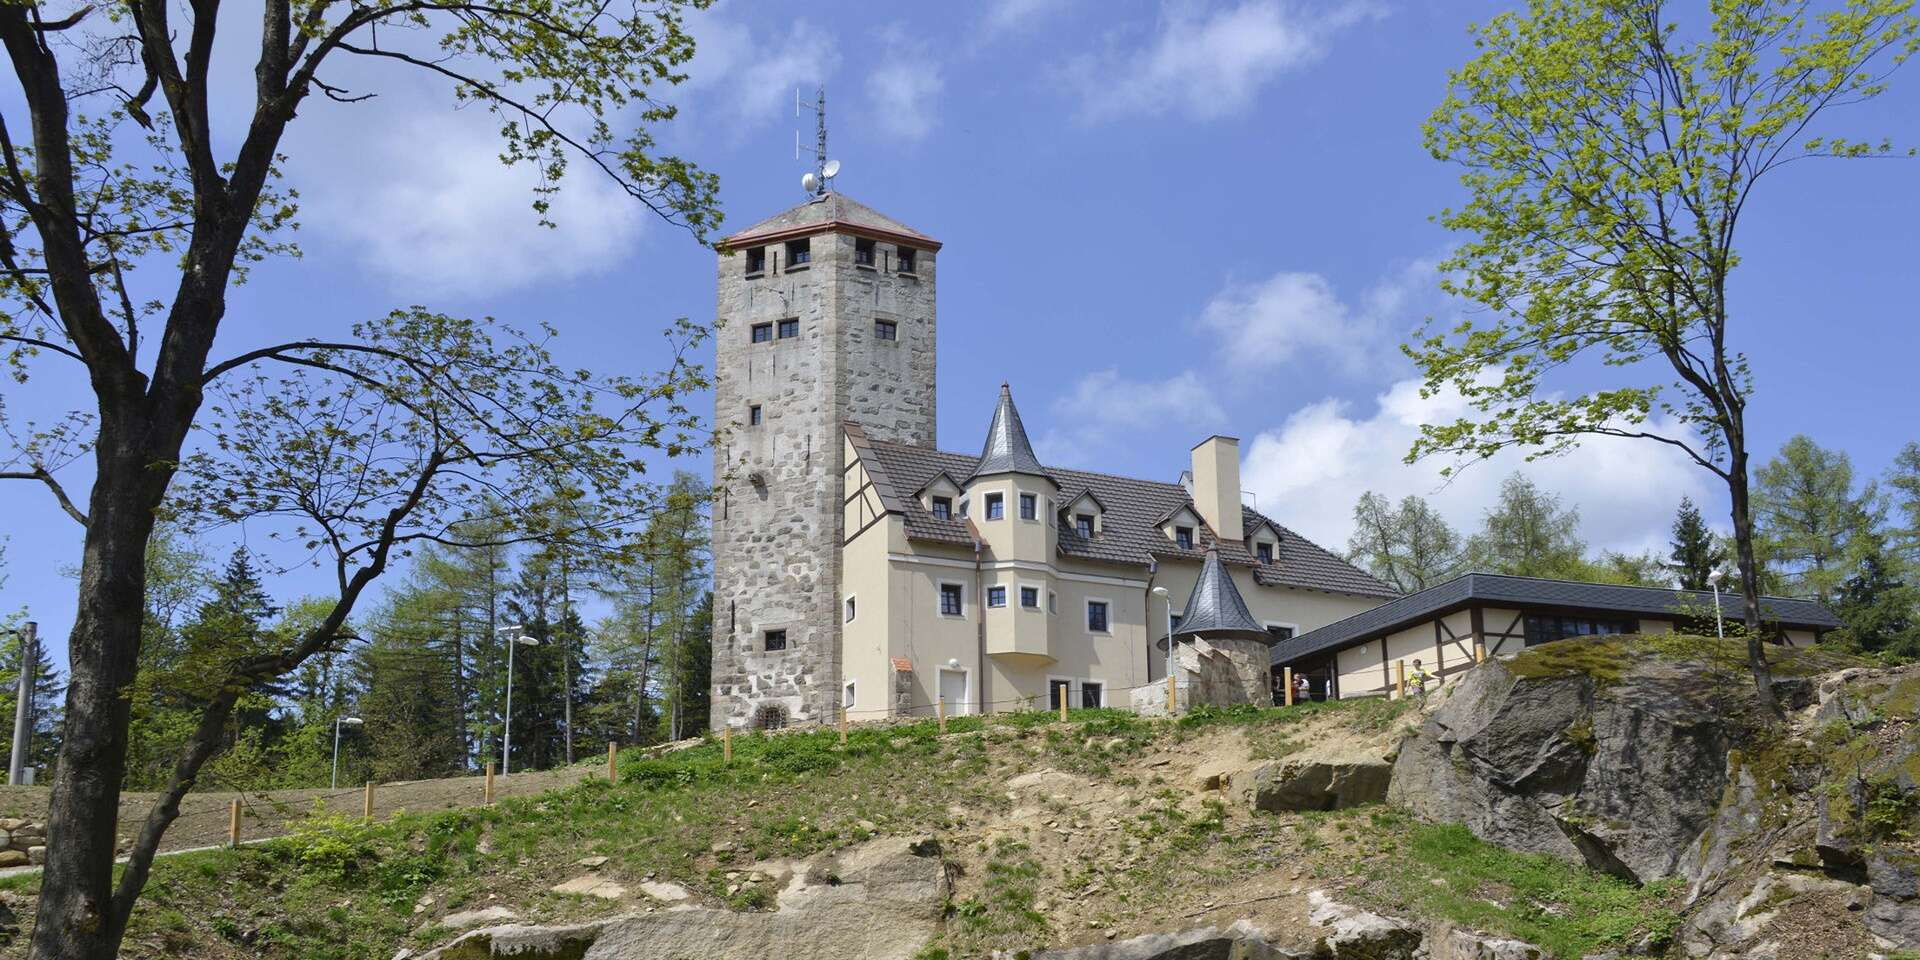 Unikátní hotel Liberecká výšina s rozhlednou s výhledem na Liberecko a široké okolí s polopenzí a dárkem na památku